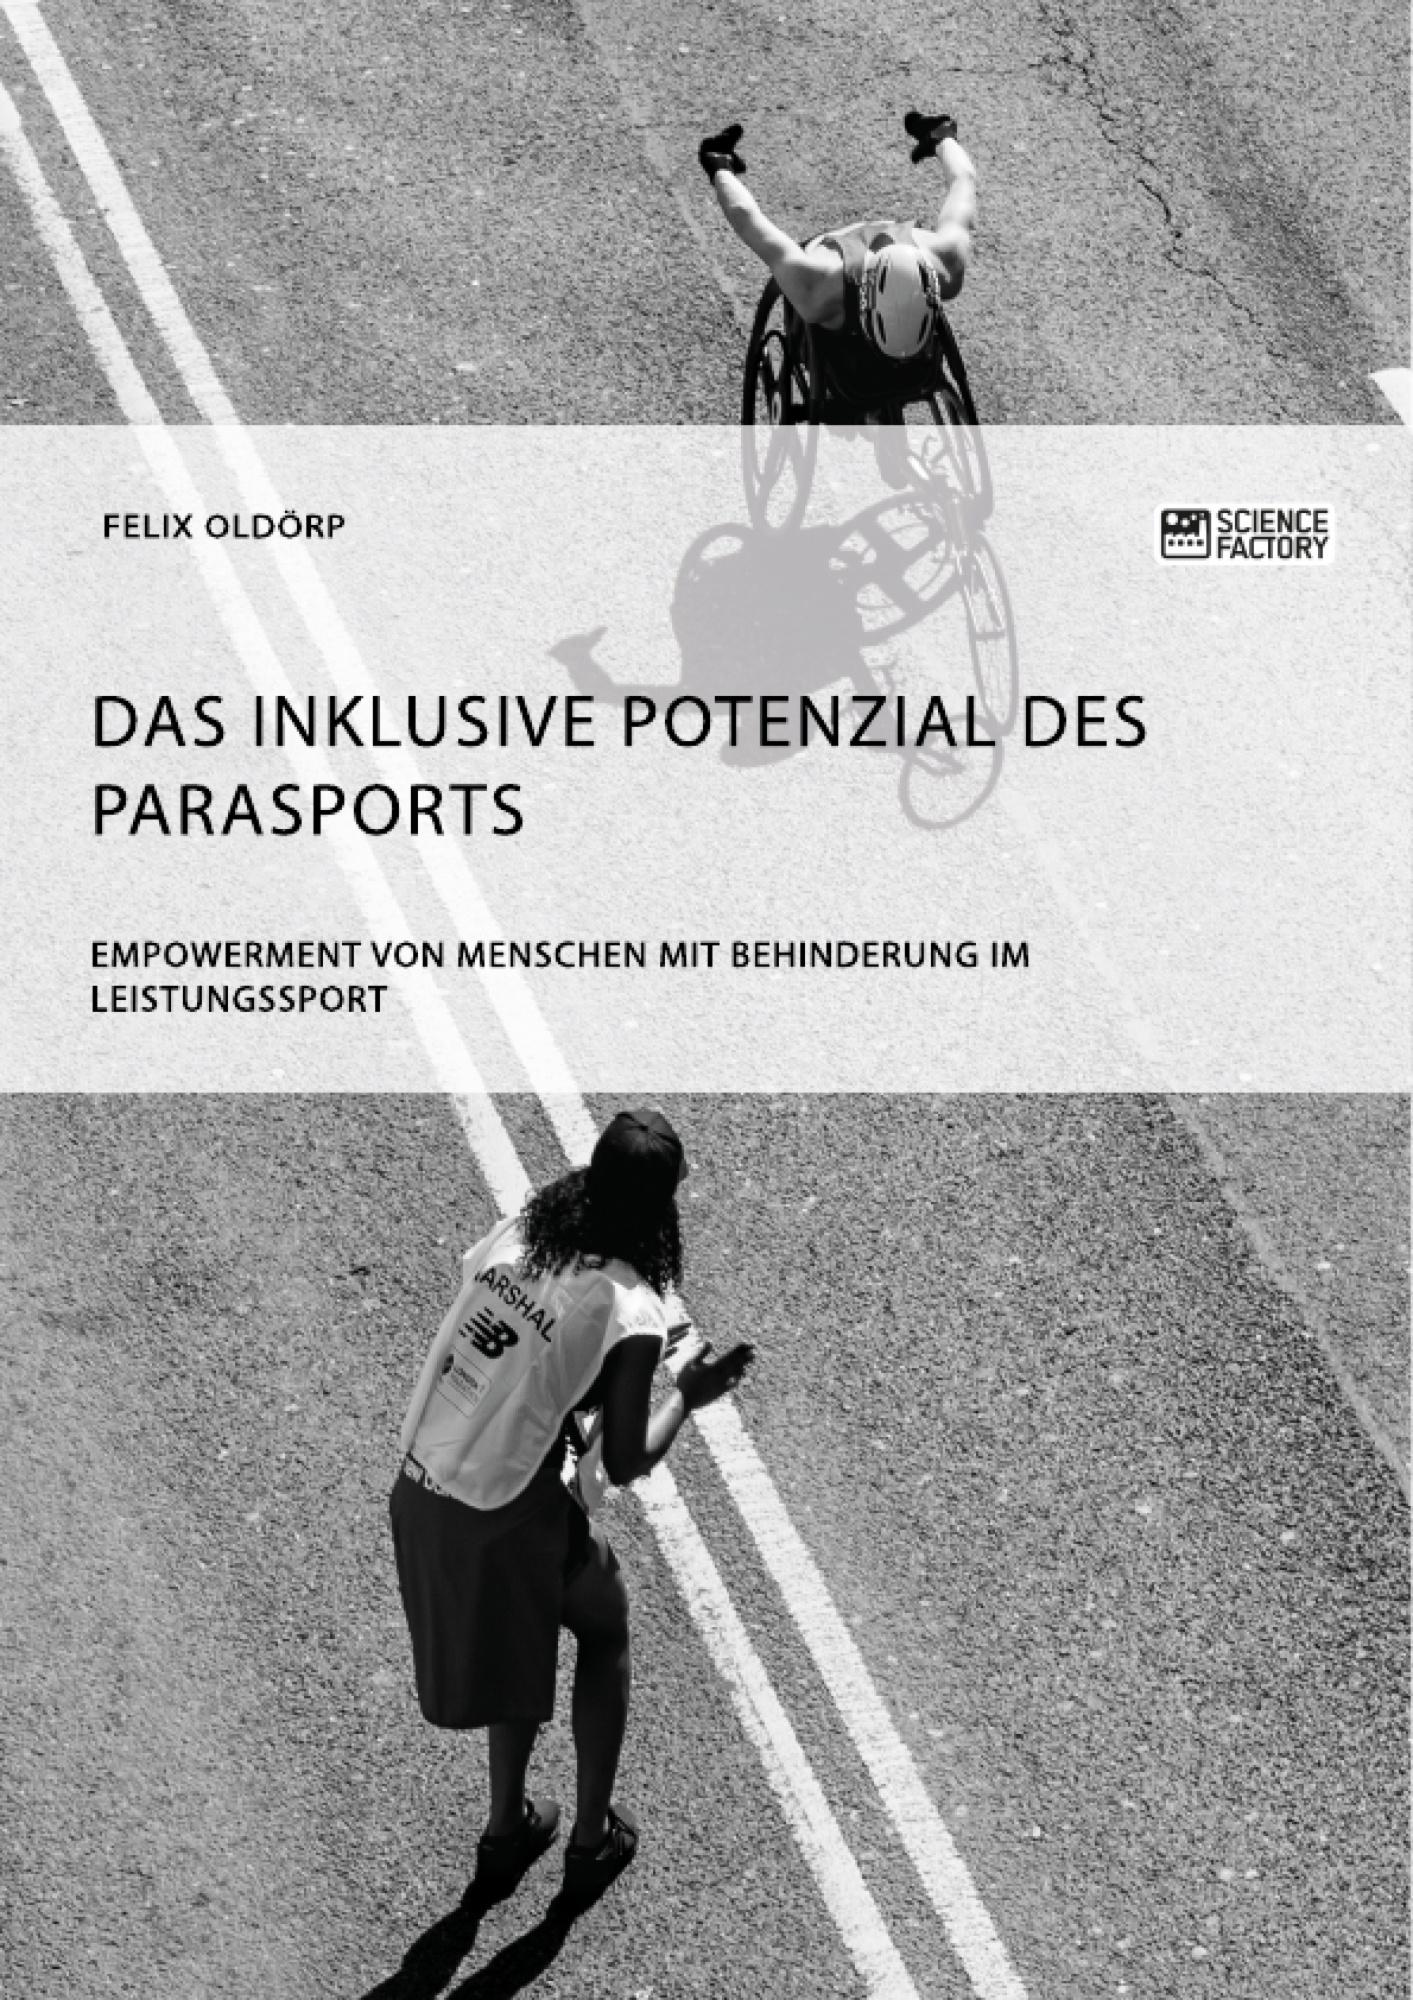 Titel: Das inklusive Potenzial des Parasports. Empowerment von Menschen mit Behinderung im Leistungssport